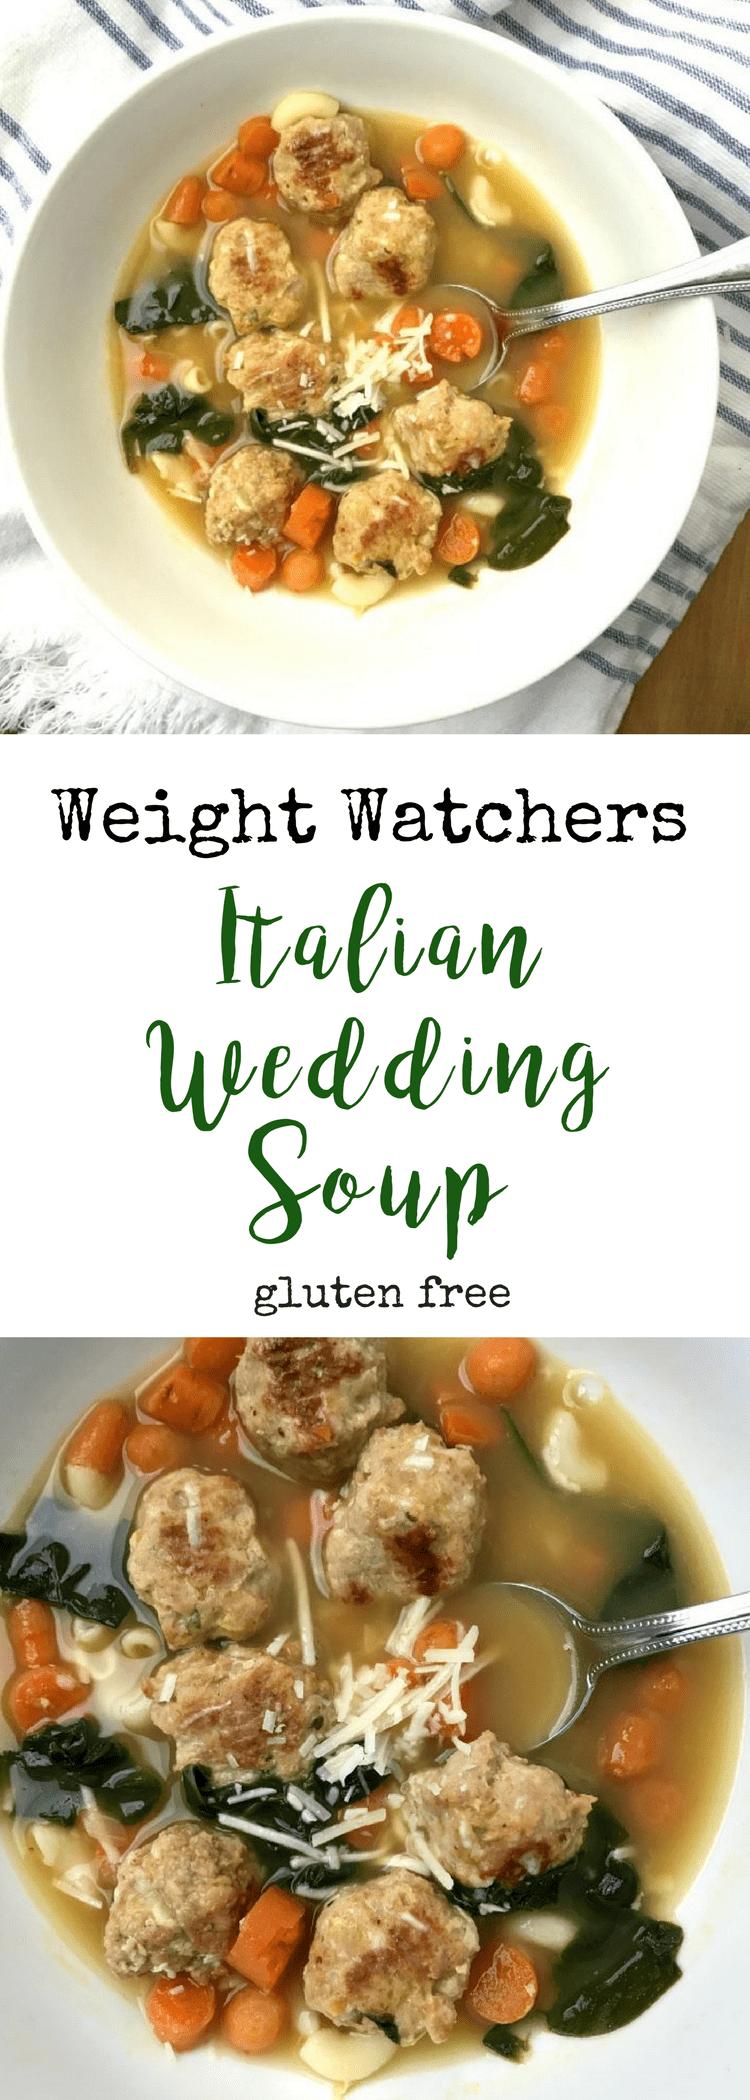 21 Day Fix Italian Wedding Soup (Instant Pot/Crock Pot/Stove Top ...